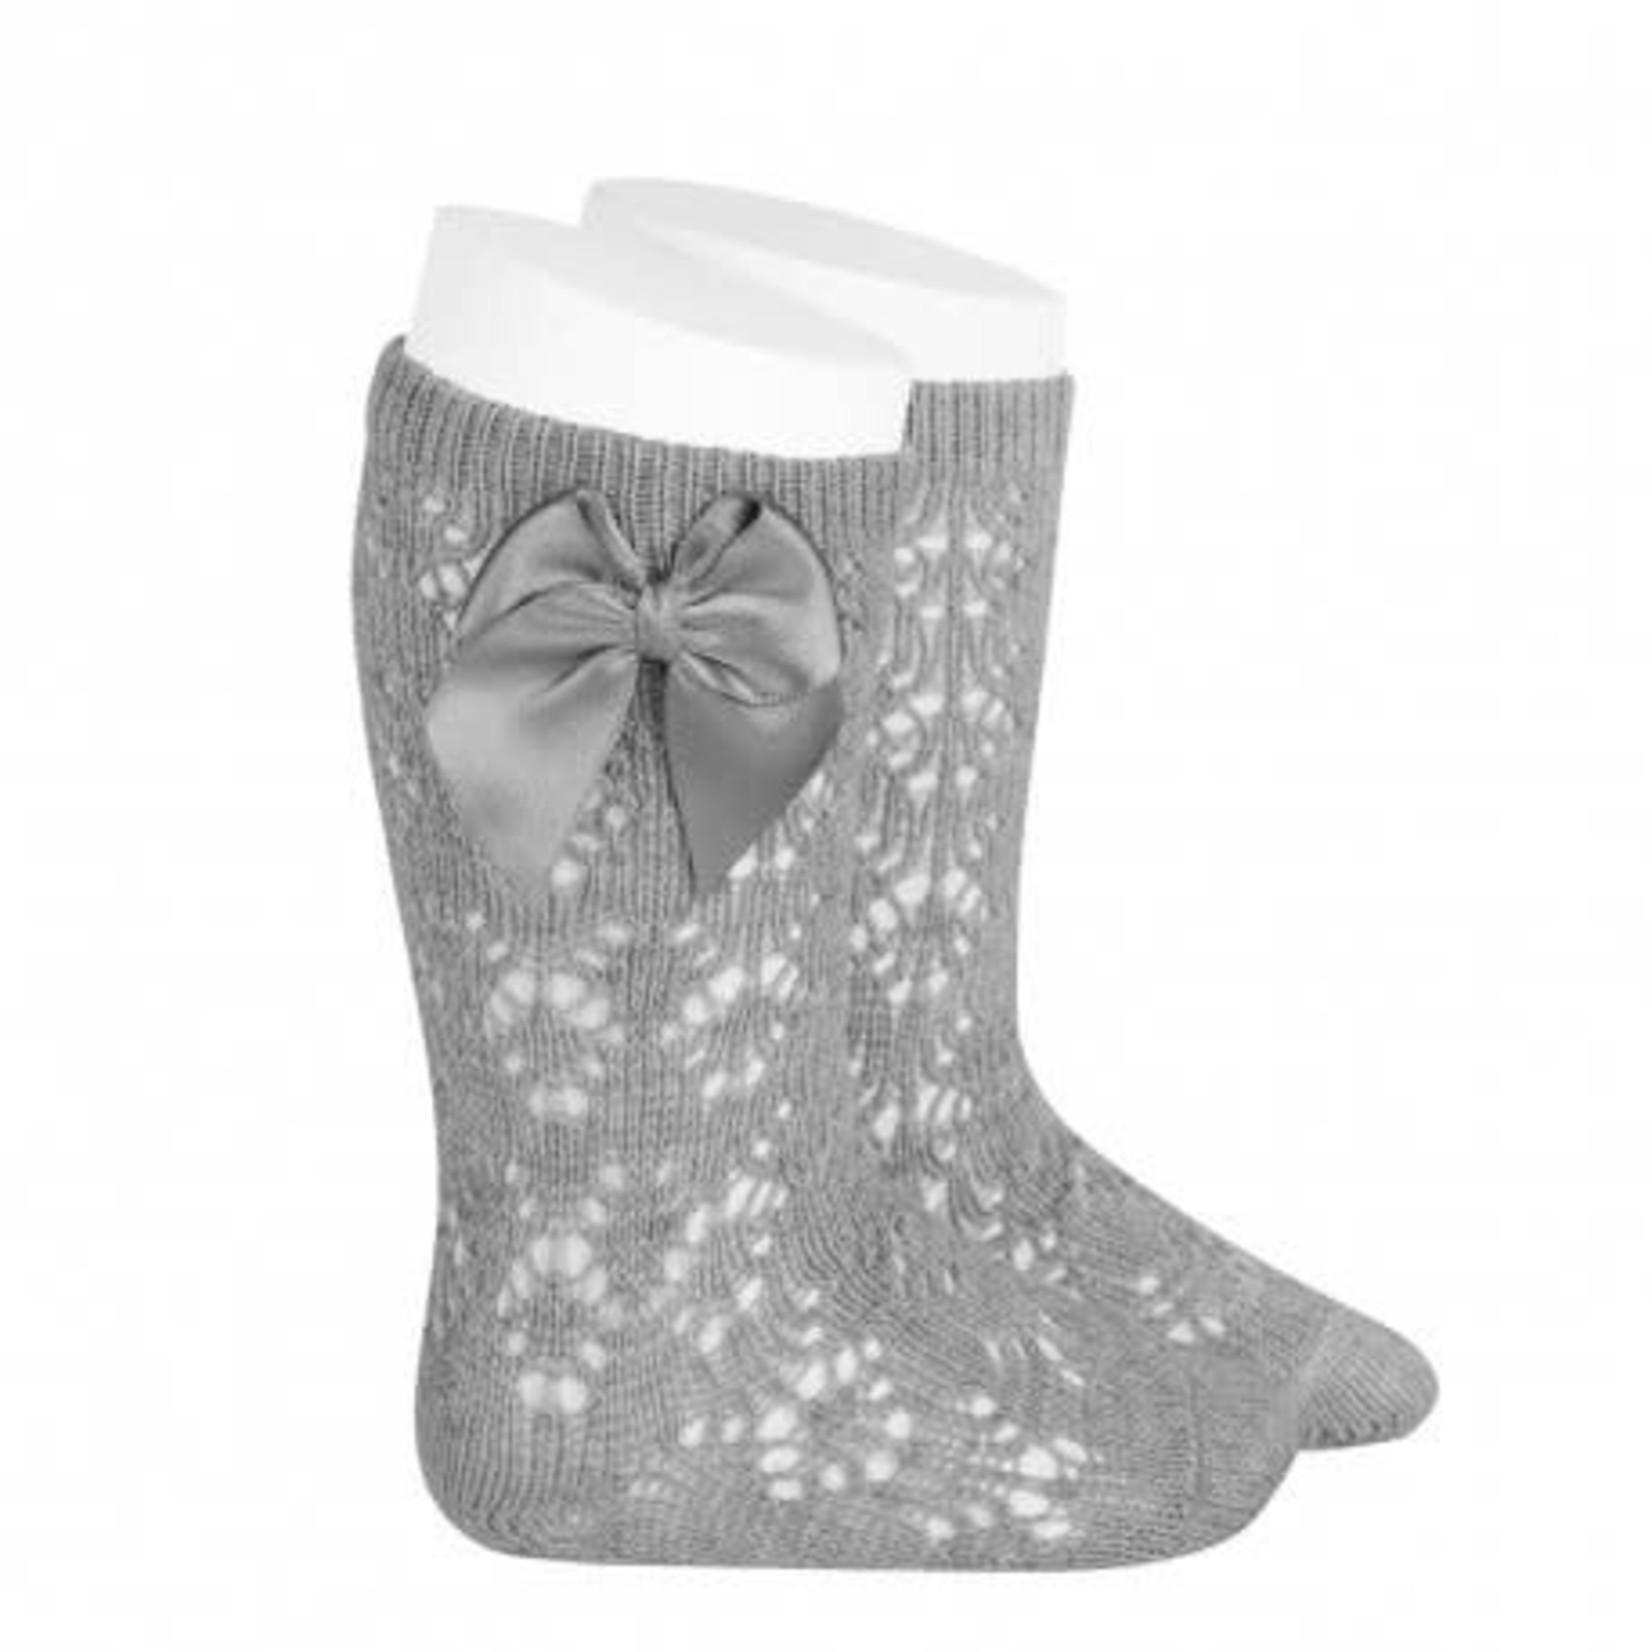 Socks Open w/Bow - Gray